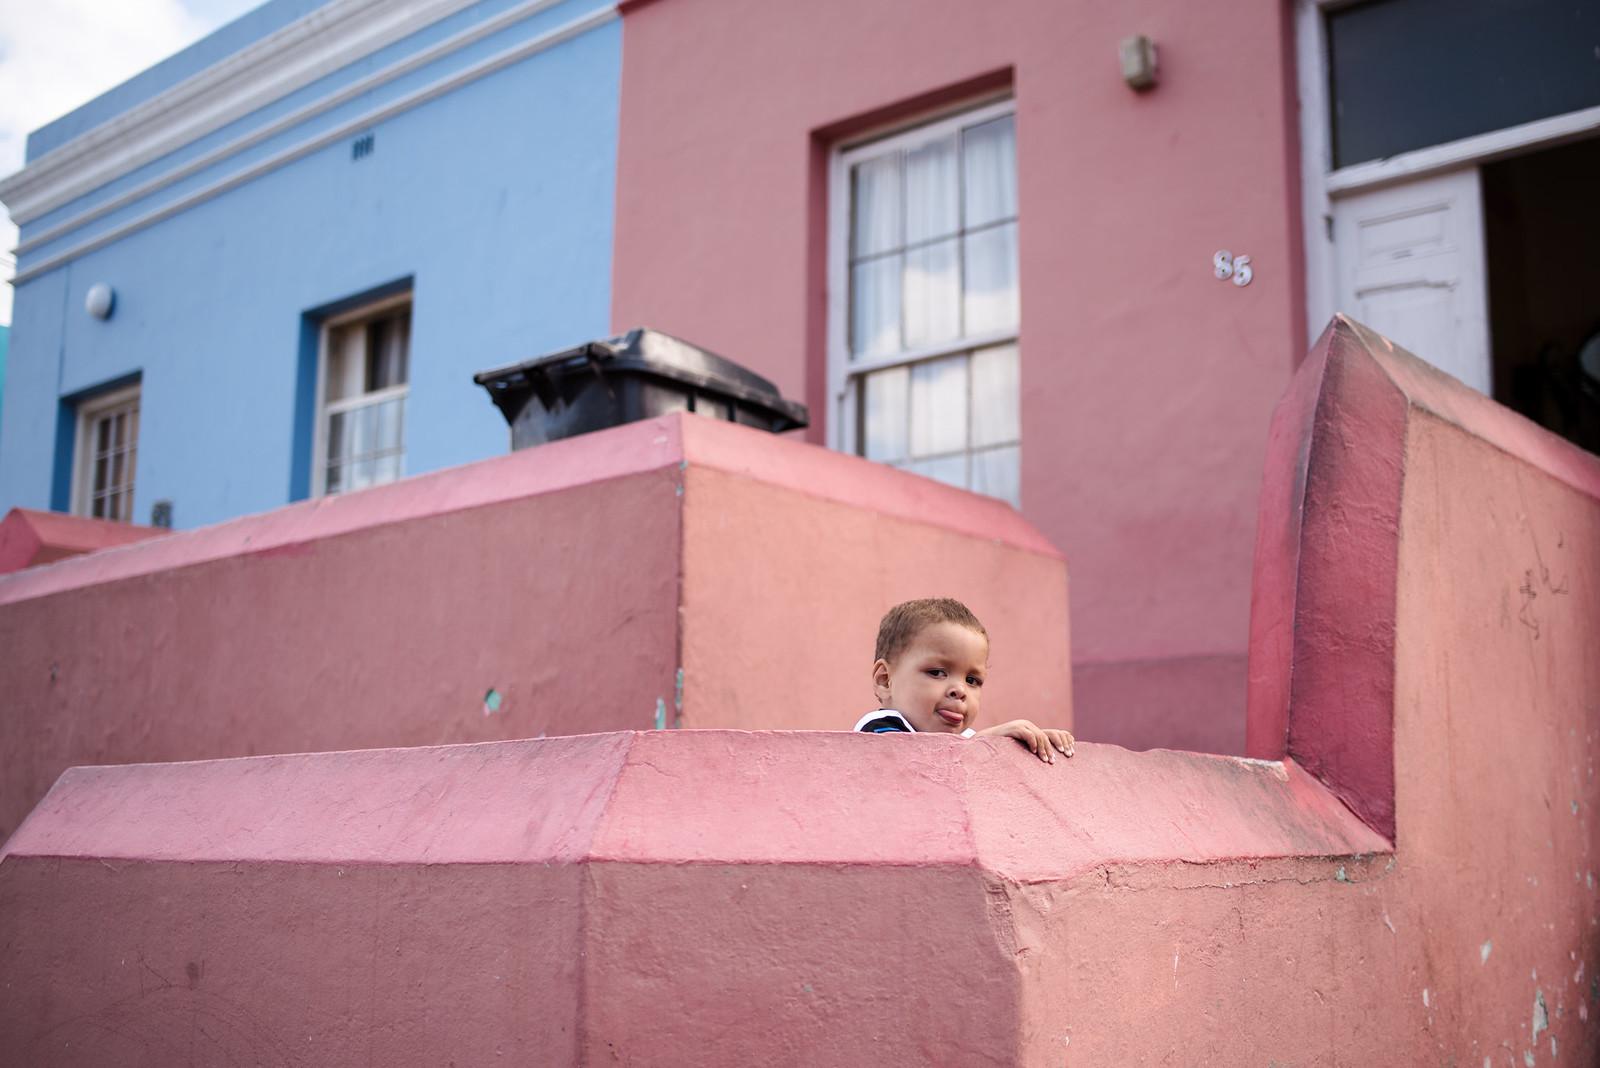 Child in Bo-Kaap Cape Town on juliettelaura.blogspot.com